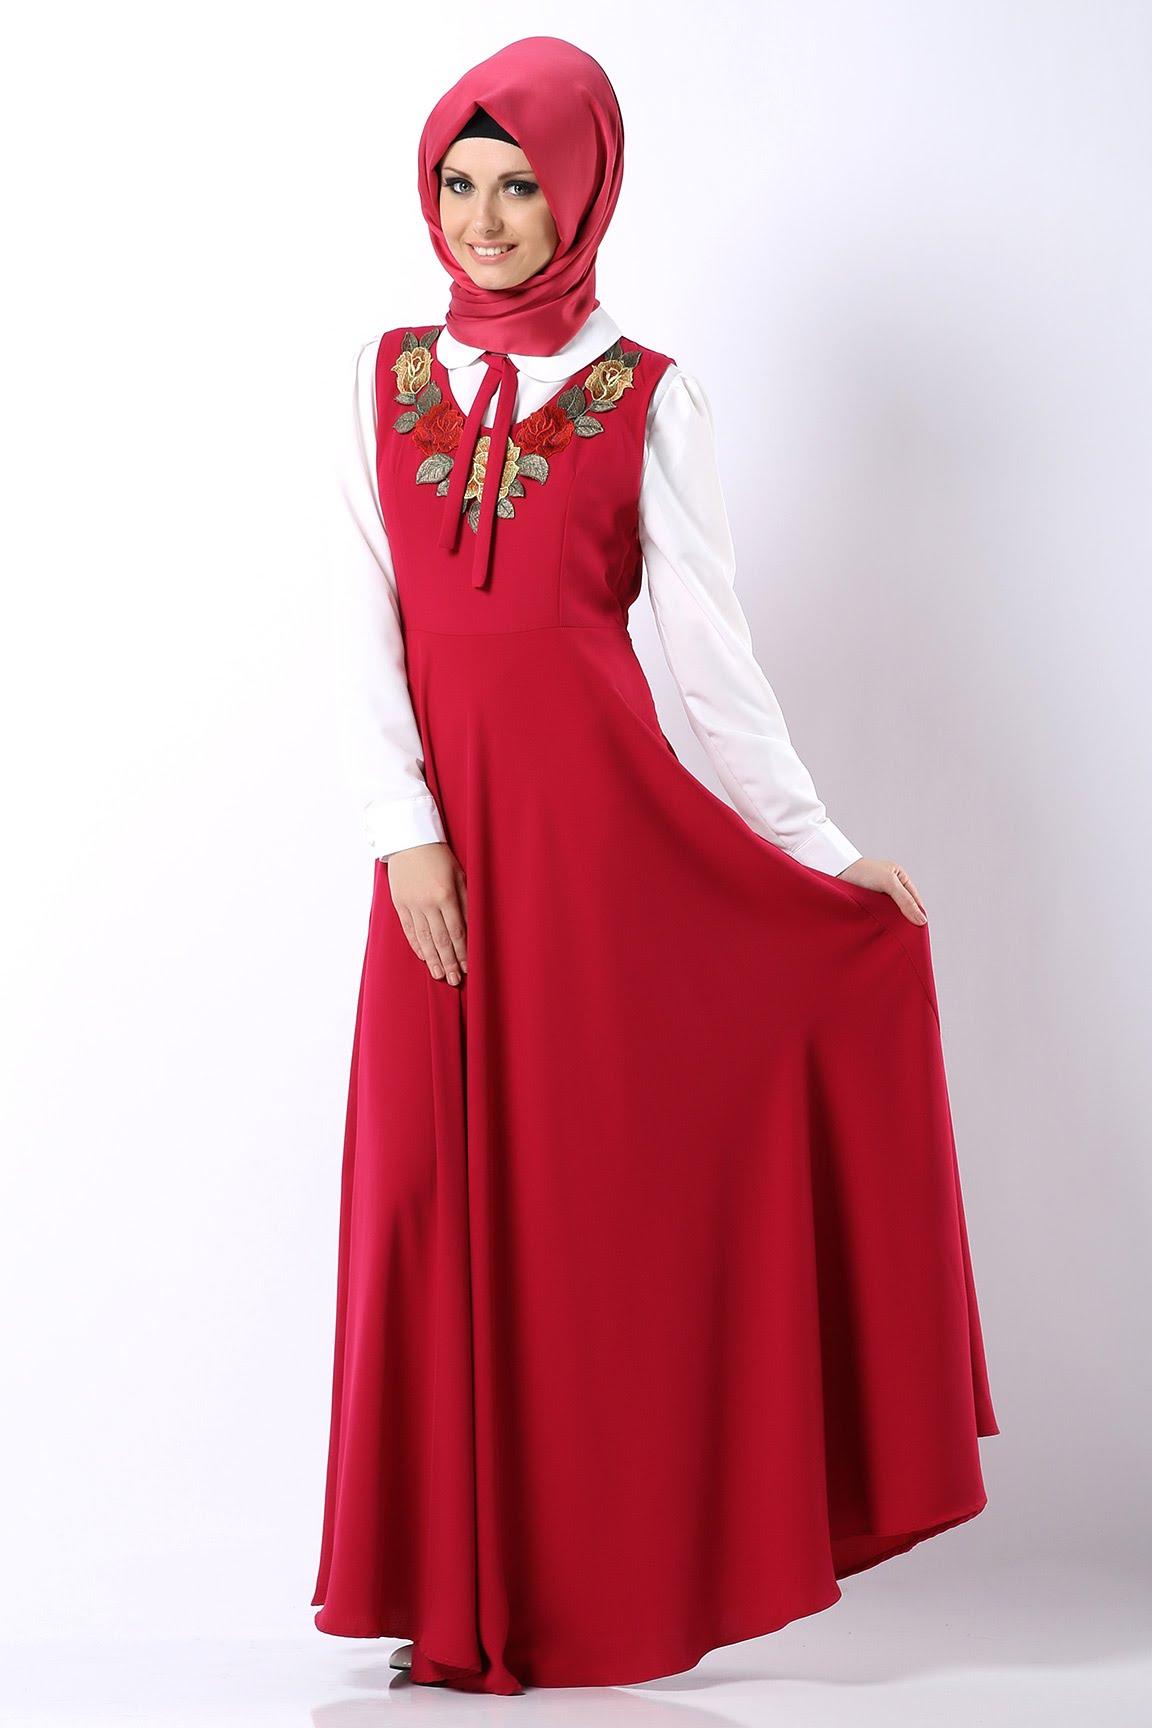 بالصور فساتين محجبات تركية صيفية , تصميمات تركية حديثة لفستان السهرة الصيفي المناسب للفتاة المحجبة 4842 7